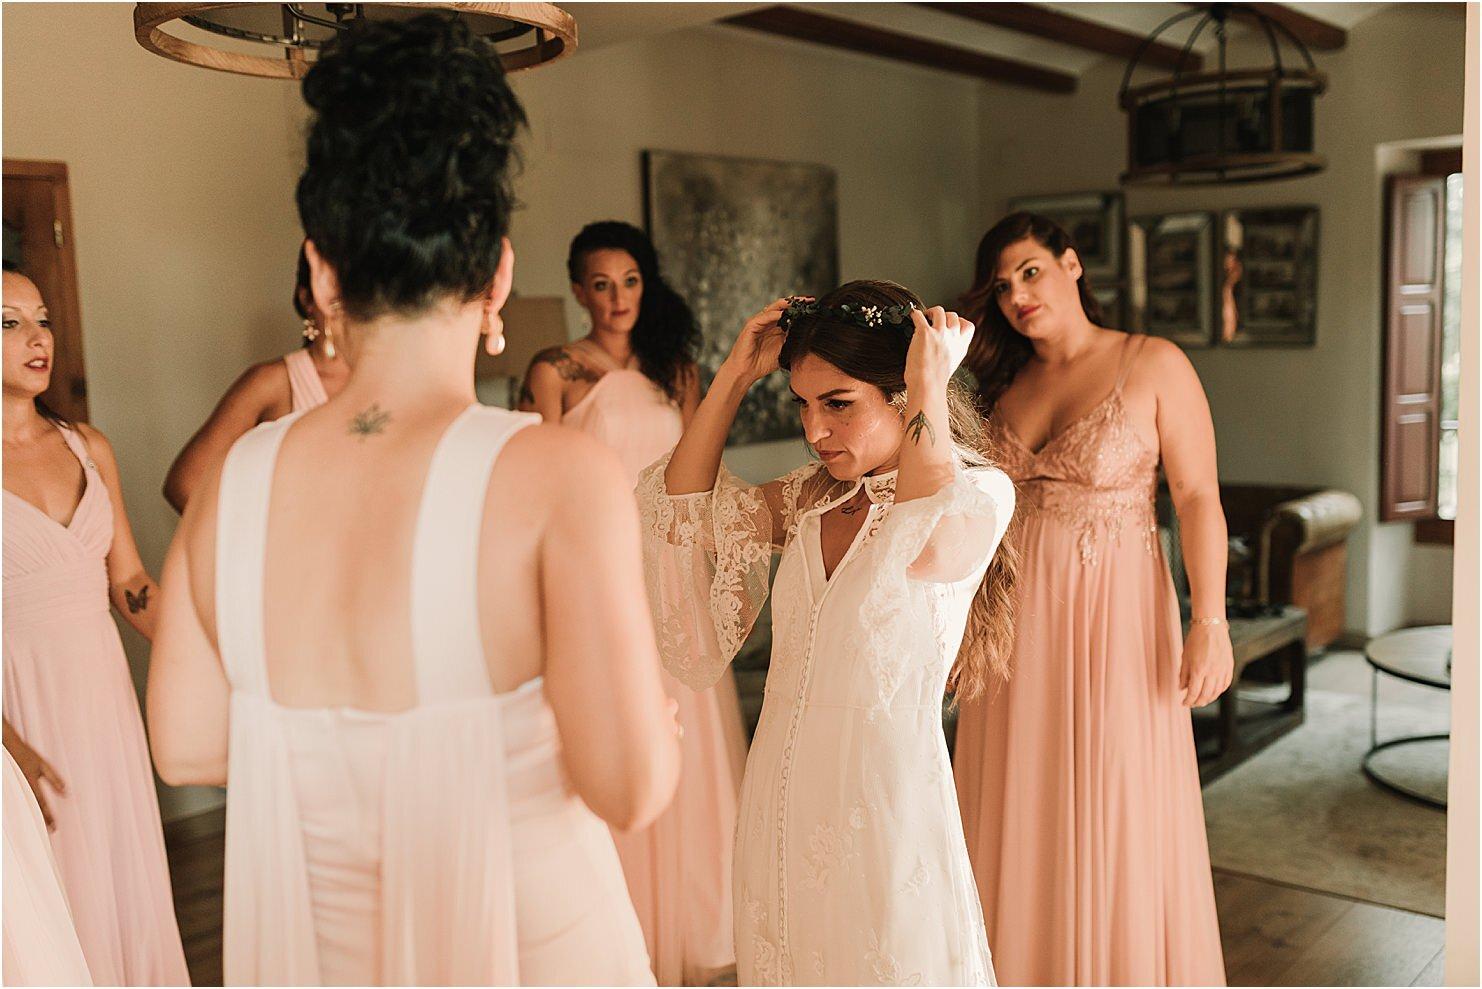 boda-boho-vestido-de-novia-boho-37.jpg